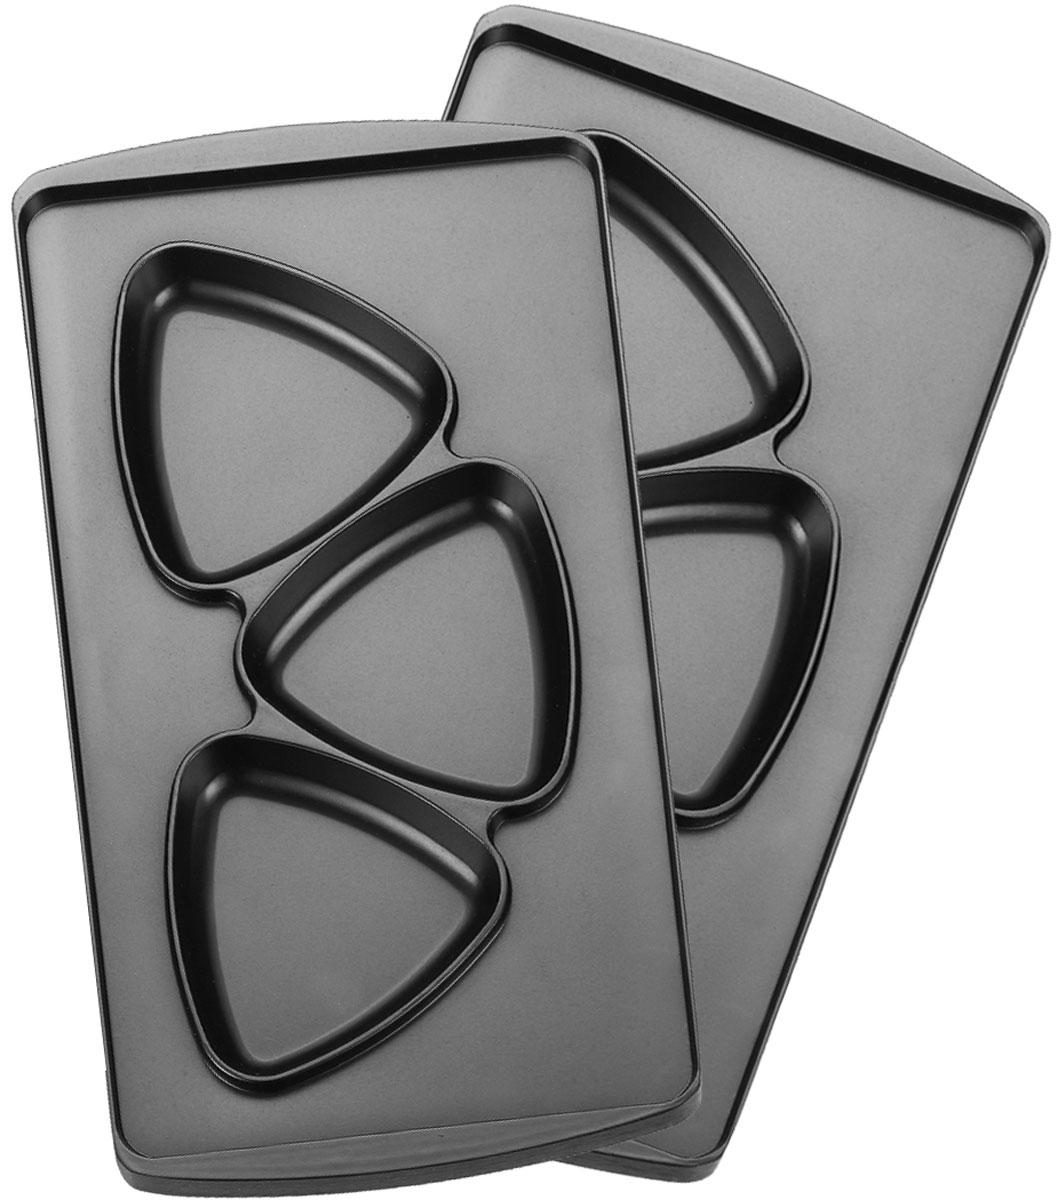 Redmond RAMB-07 панель для мультипекаряRAMB-07Универсальные съемные панели для любого мультипекаря REDMOND! Позволят приготовить сладкое печенье, бисквитные пирожные, небольшие пирожки с разнообразными начинками или сырники для завтрака. Панели изготовлены из металла с антипригарным покрытием – они долговечны и легки в уходе.